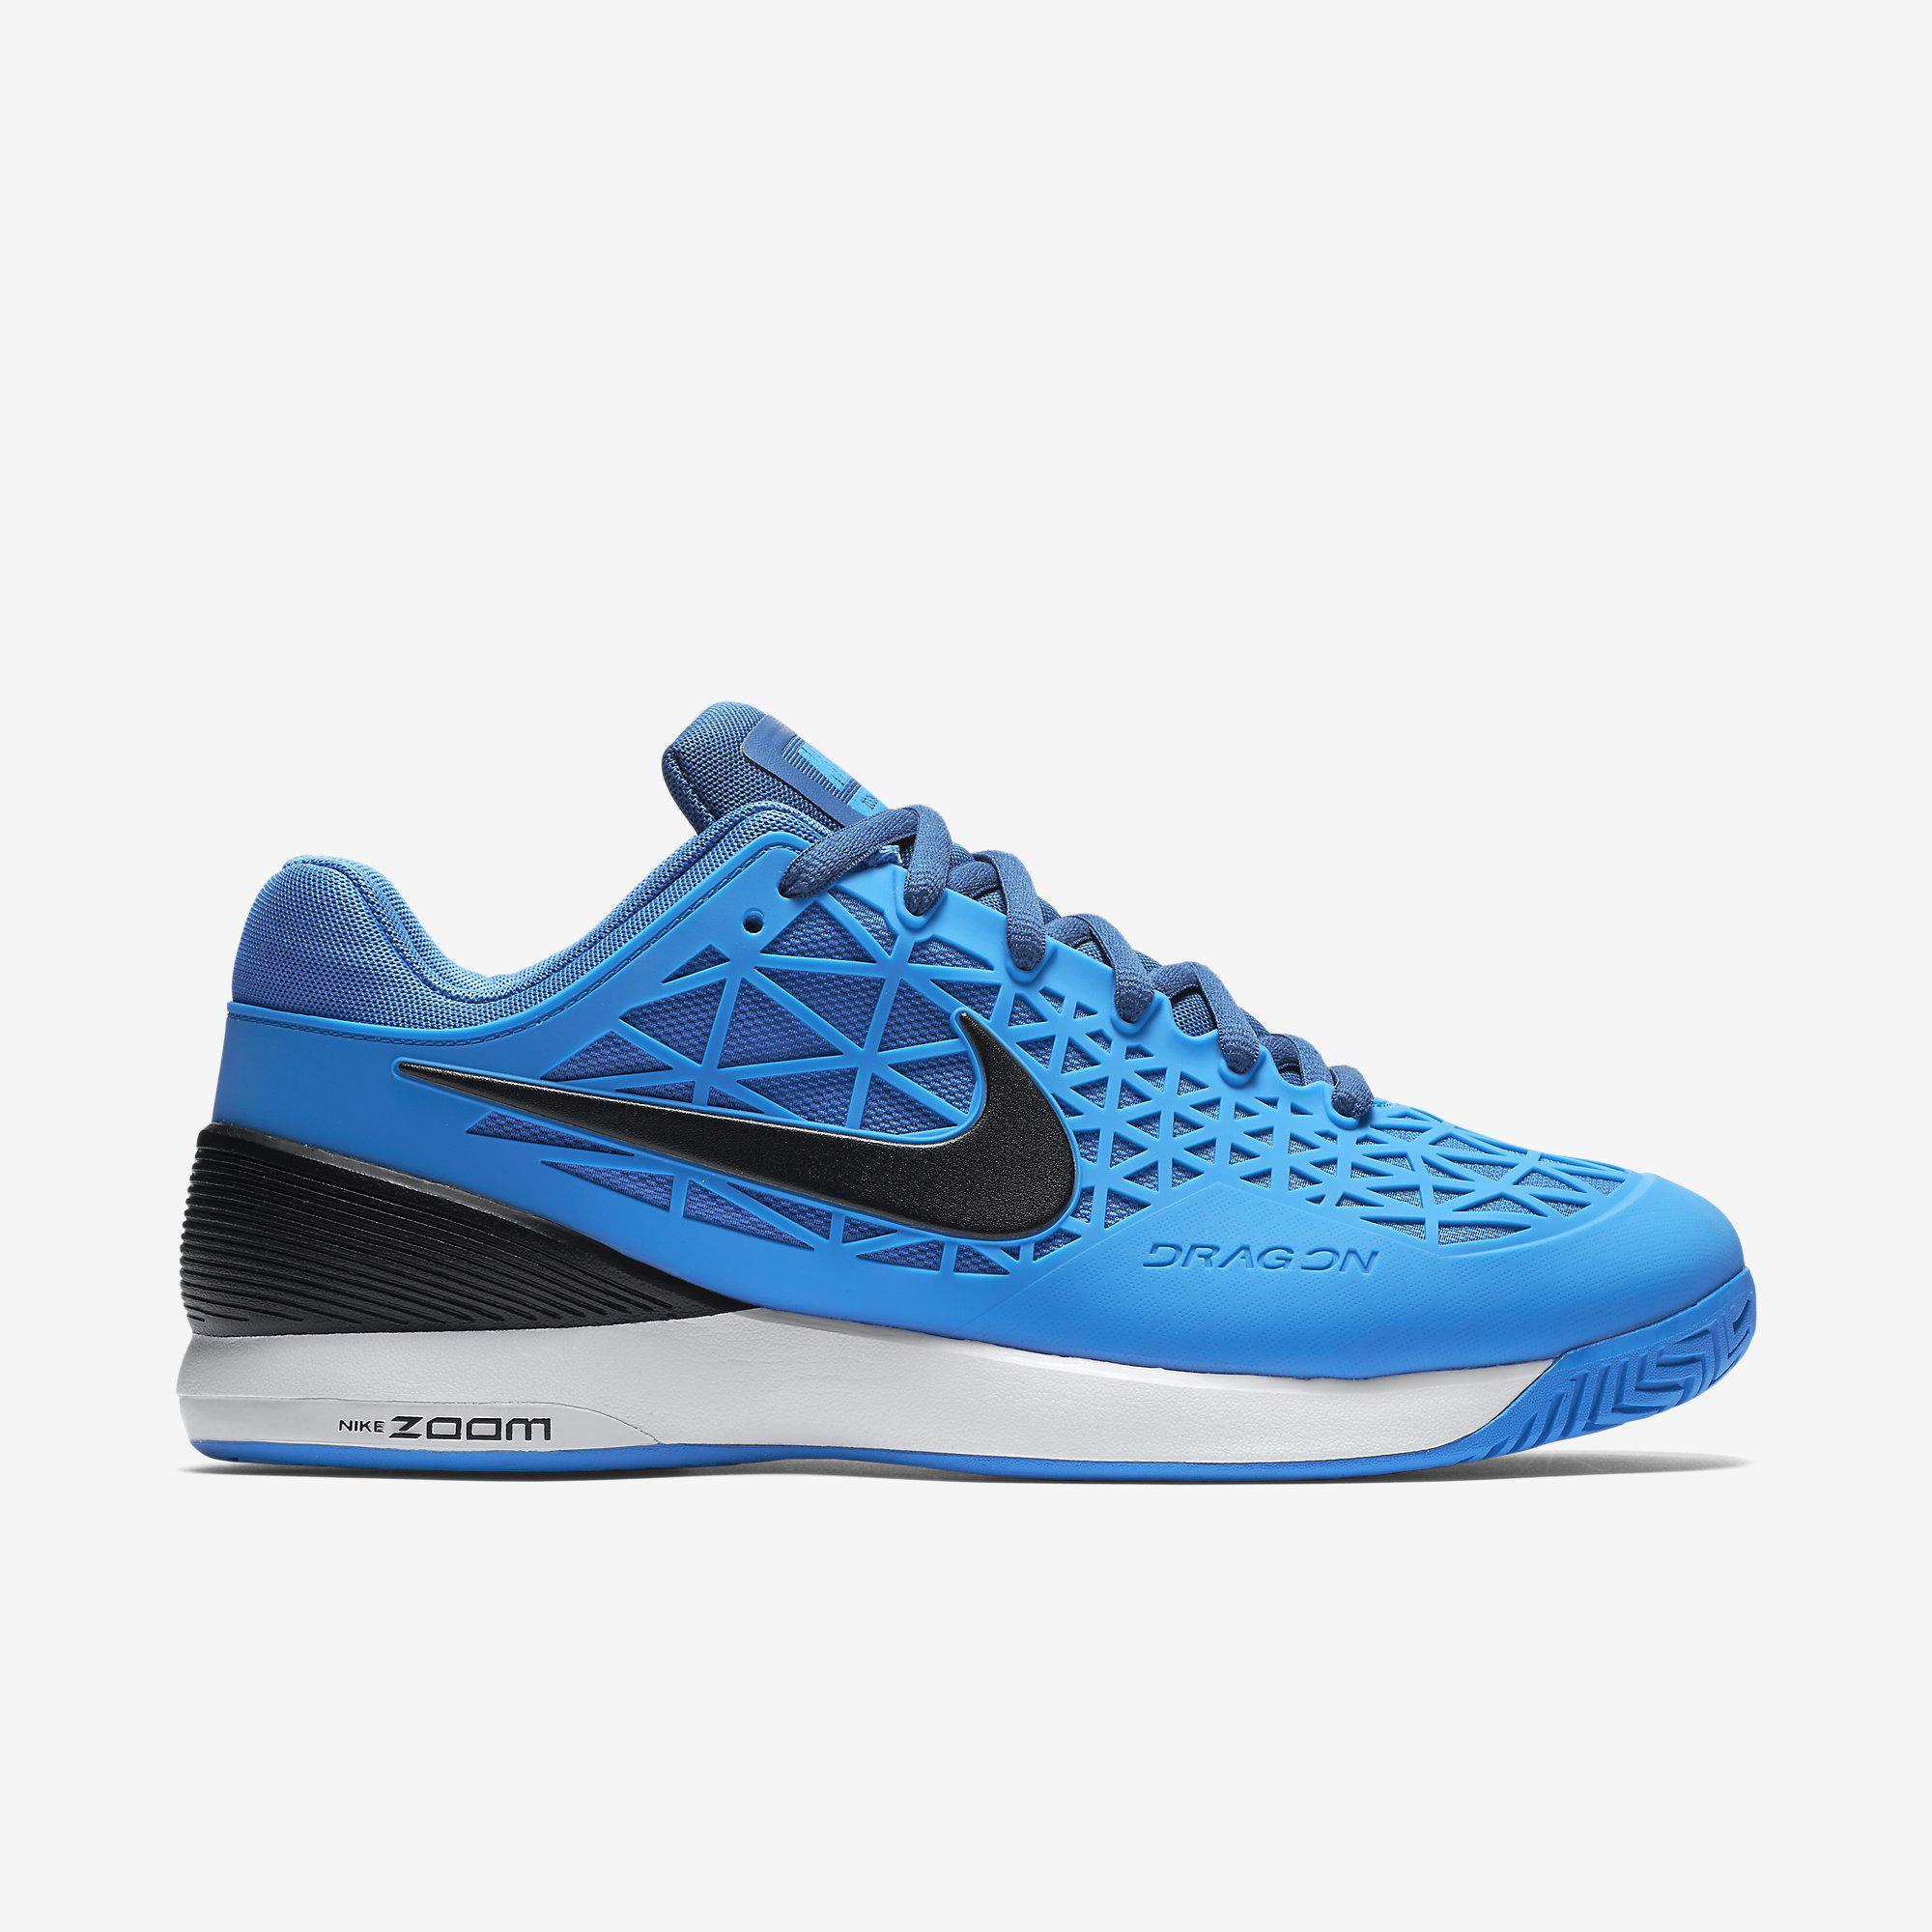 462d107bf412 Nike Mens Zoom Cage 2 Tennis Shoes - Blue Black - Tennisnuts.com